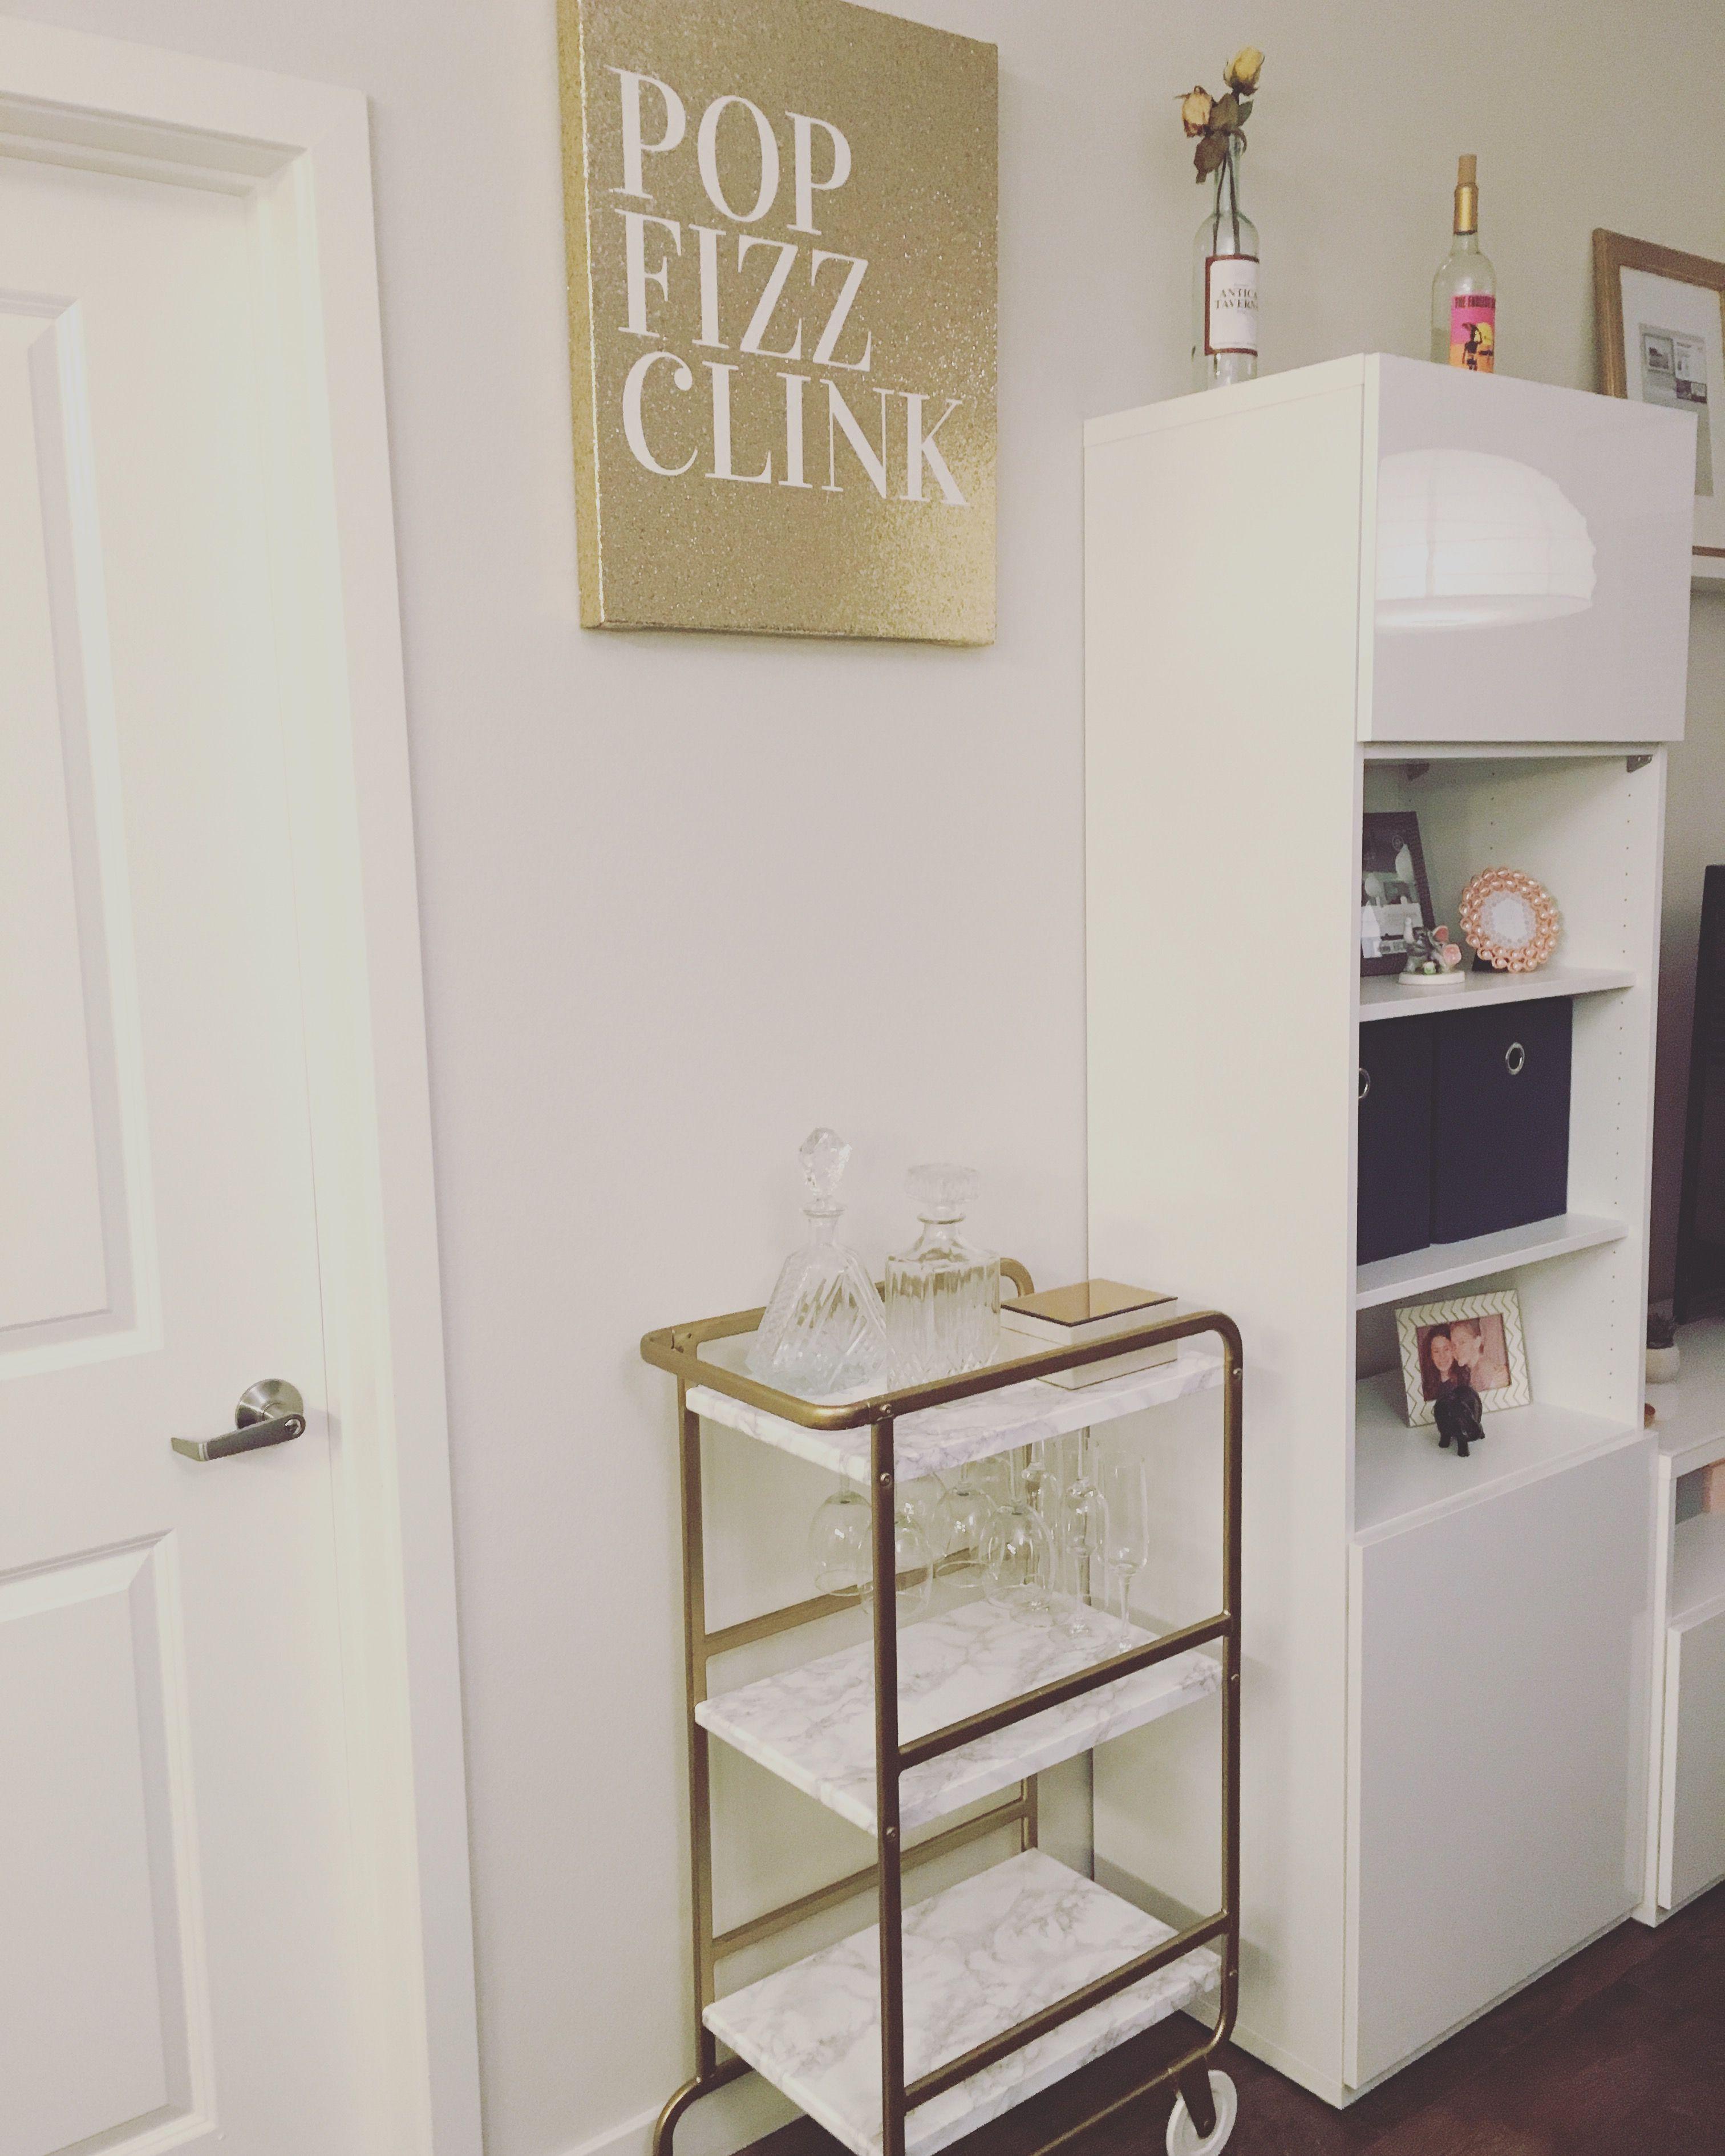 Gold bar cart made from Ikea Sunnersta | Apartment decor | Pinterest ...